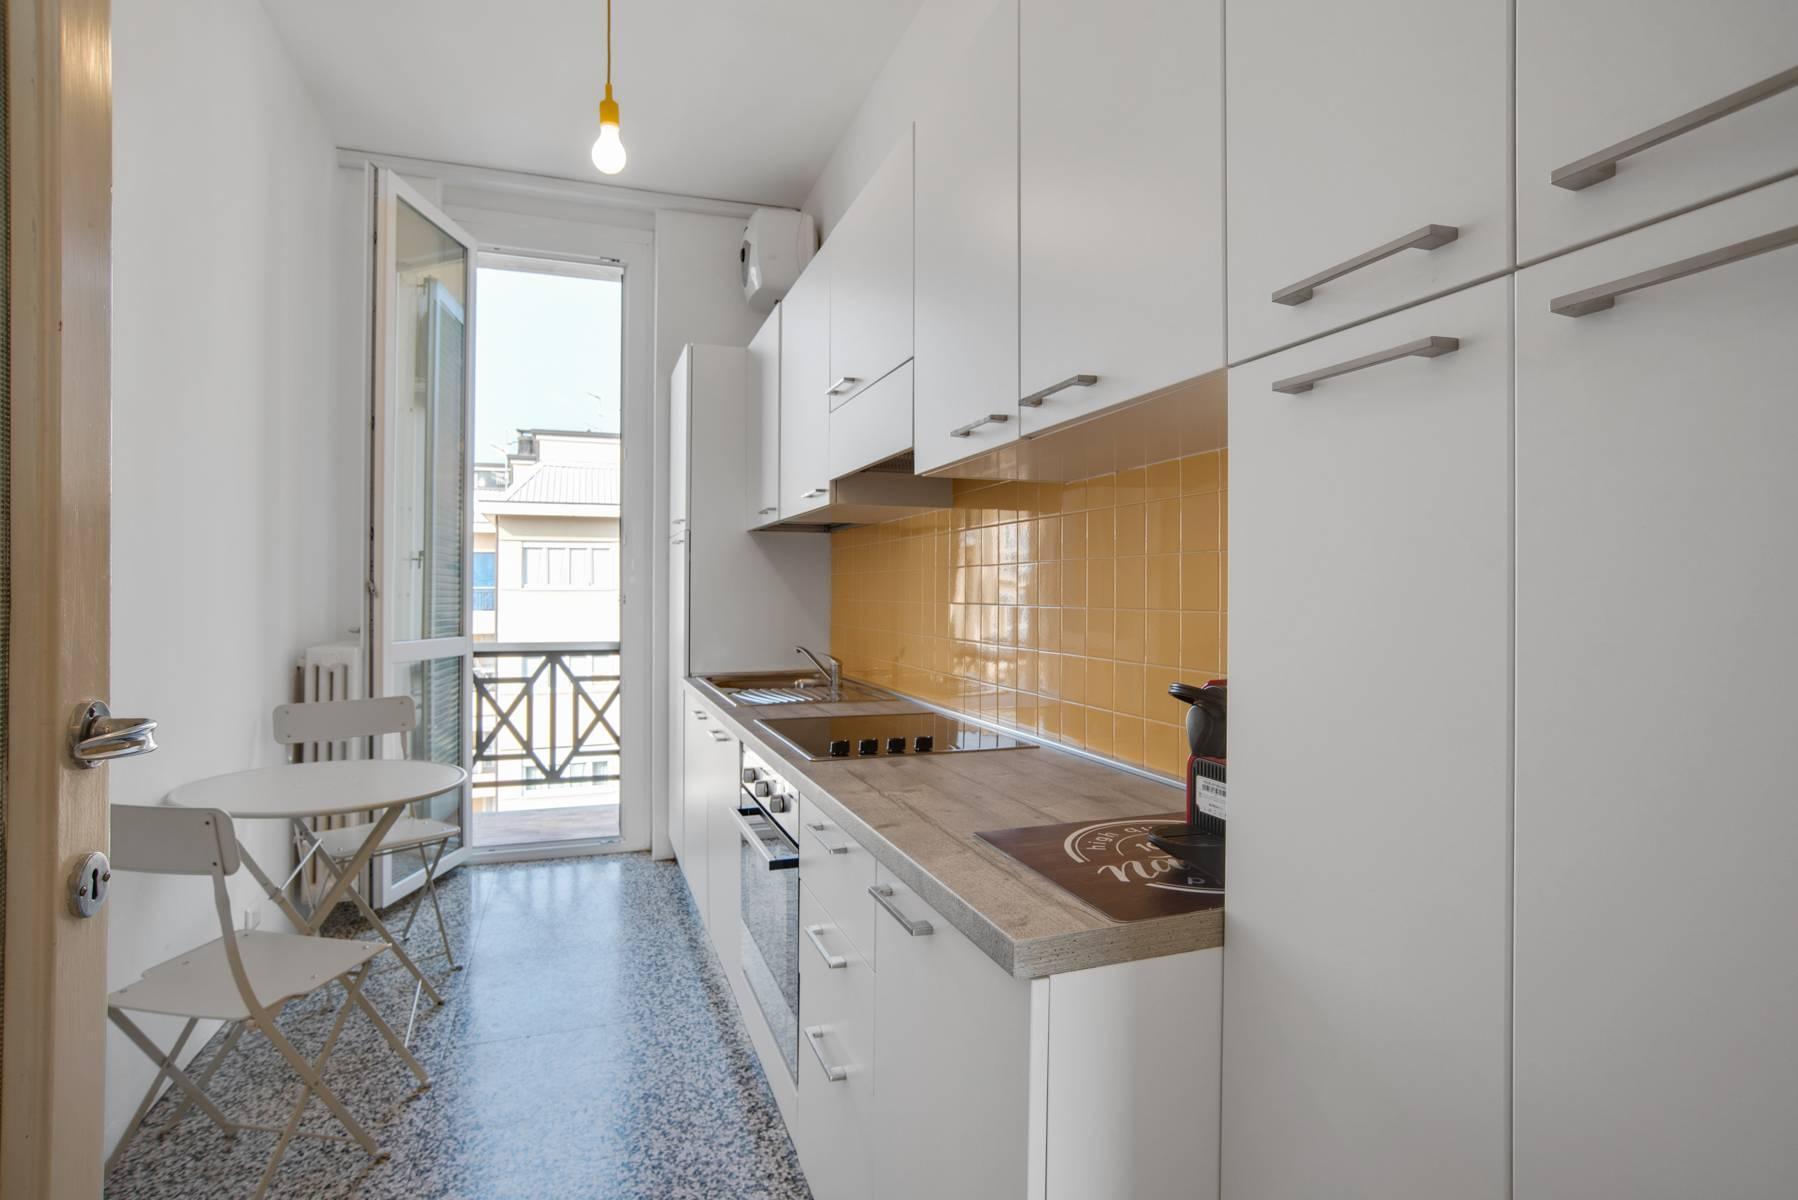 Appartamento in Affitto a Como: 3 locali, 80 mq - Foto 7